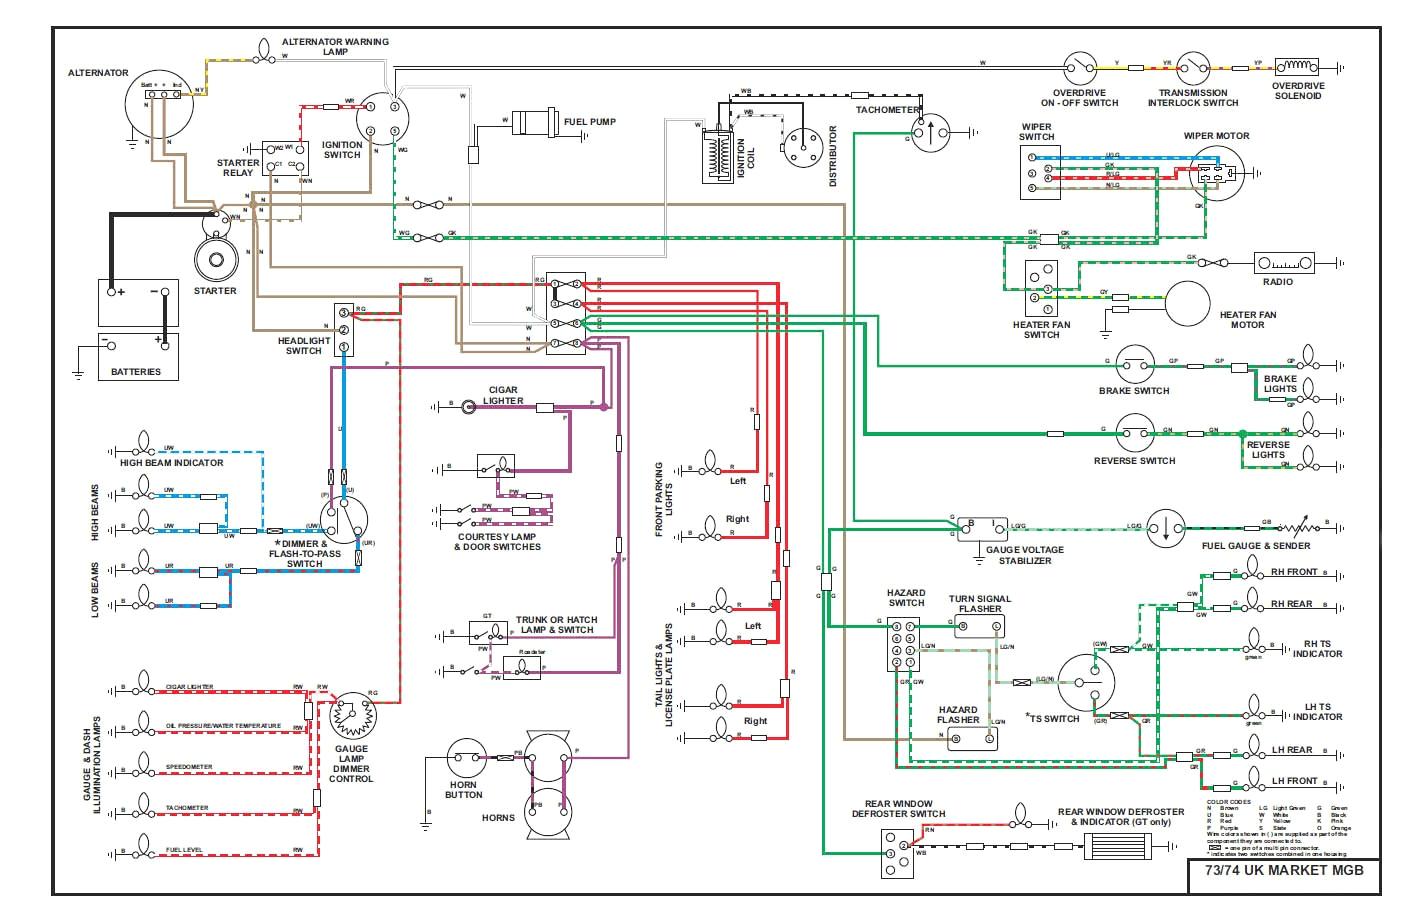 1979 mgb distributor wiring diagram wiring diagram blog 1979 mgb distributor wiring diagram wiring diagram details